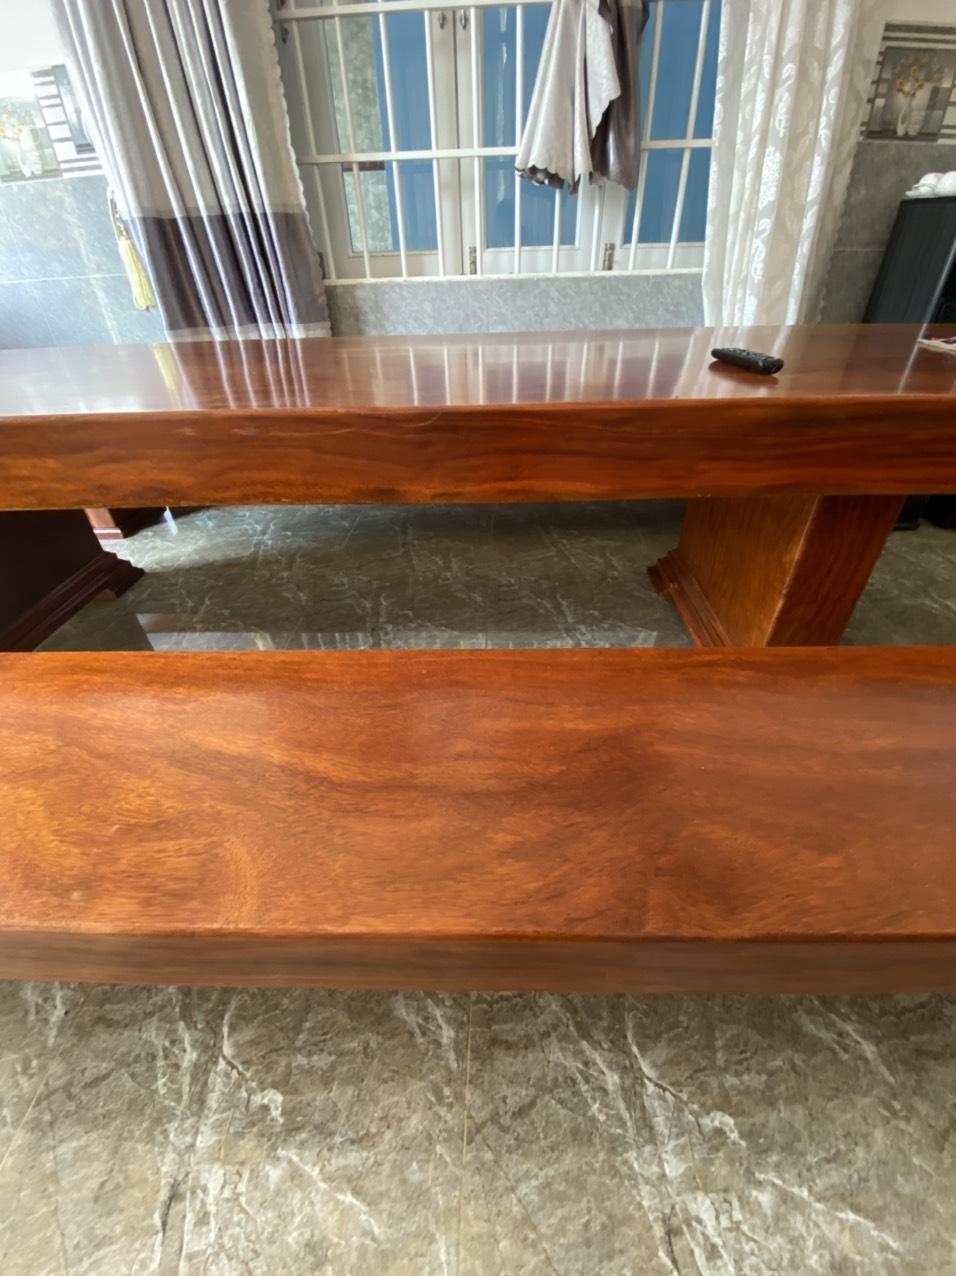 Bán bộ k3 gỗ cẩm nguyên khối dài 3.2m. bàn rộng 90cm dày 16cm. Ghế rộng 40cm dày 14cm. Giá 75tr.